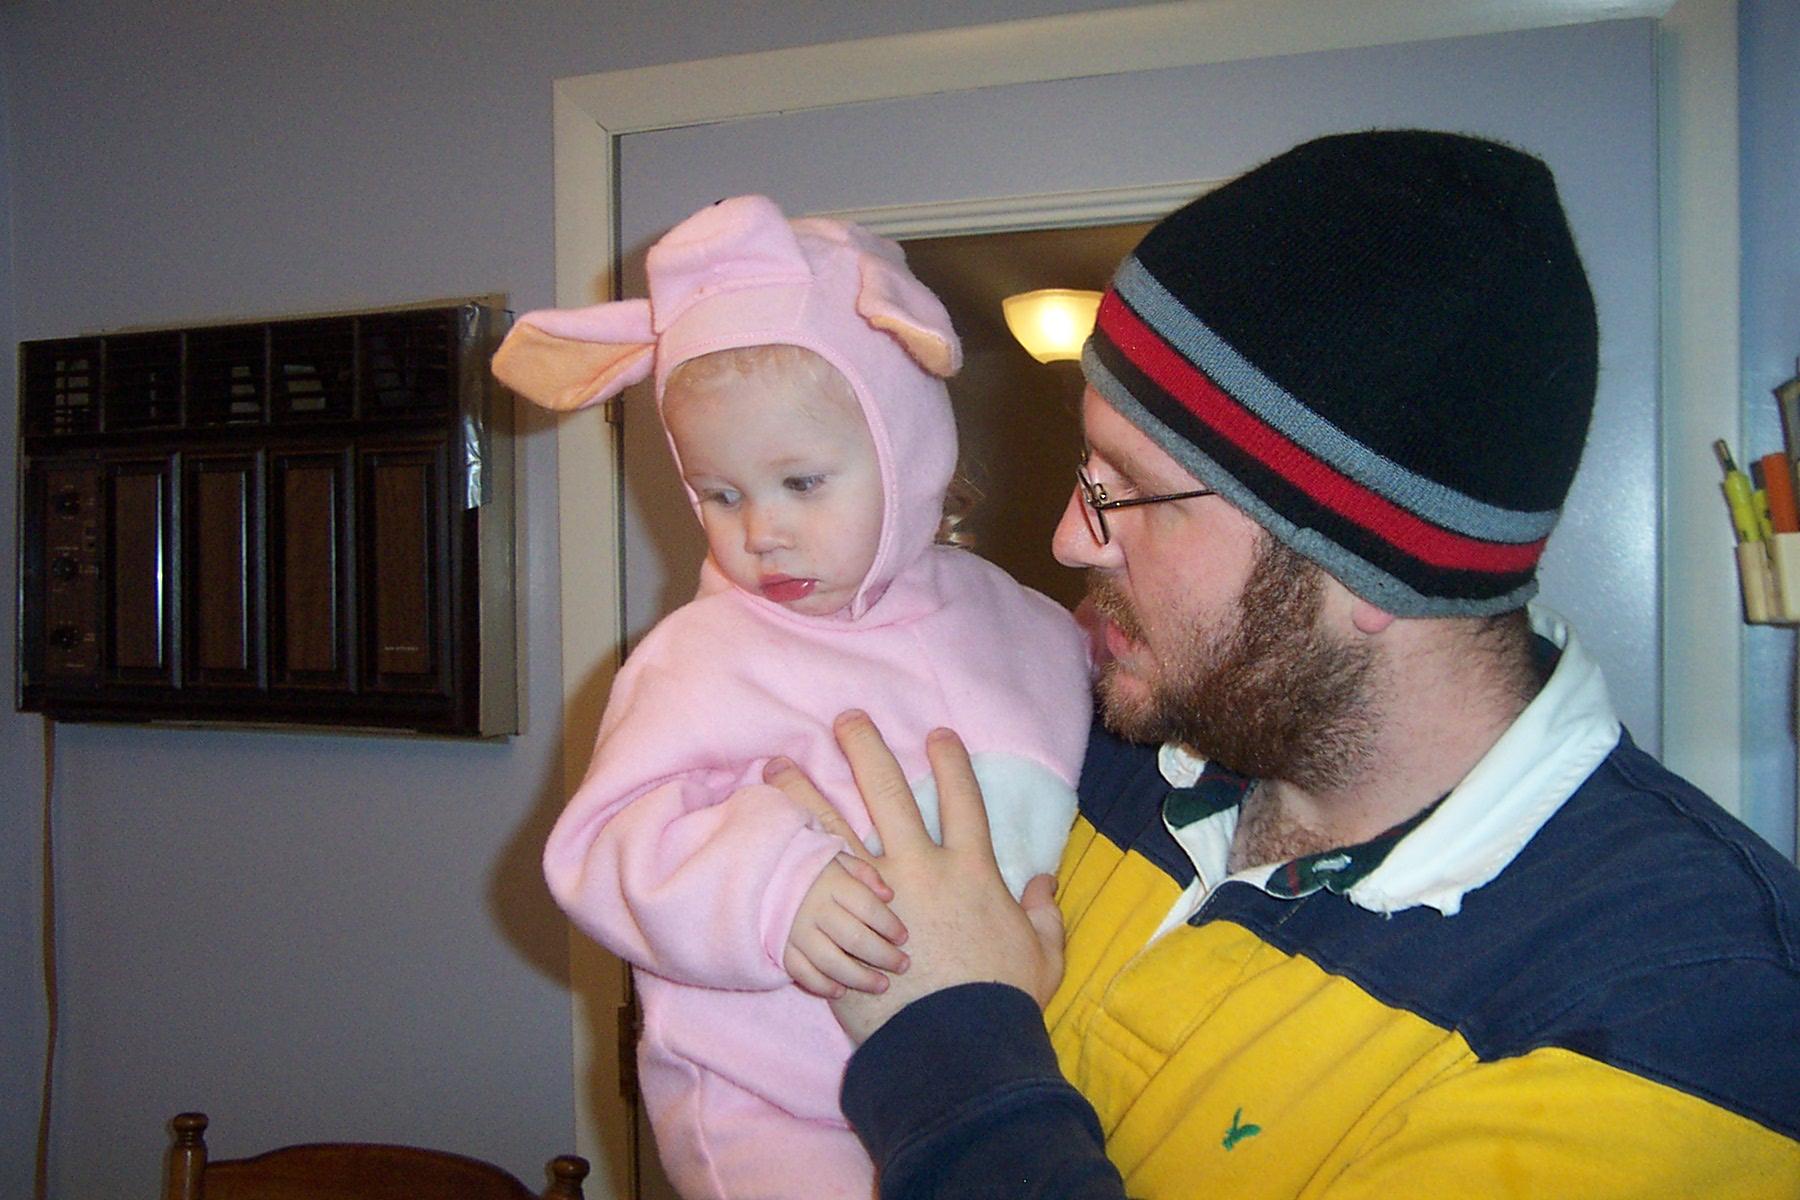 Little Jaiden & her Dad Jeremy - DCP 8475